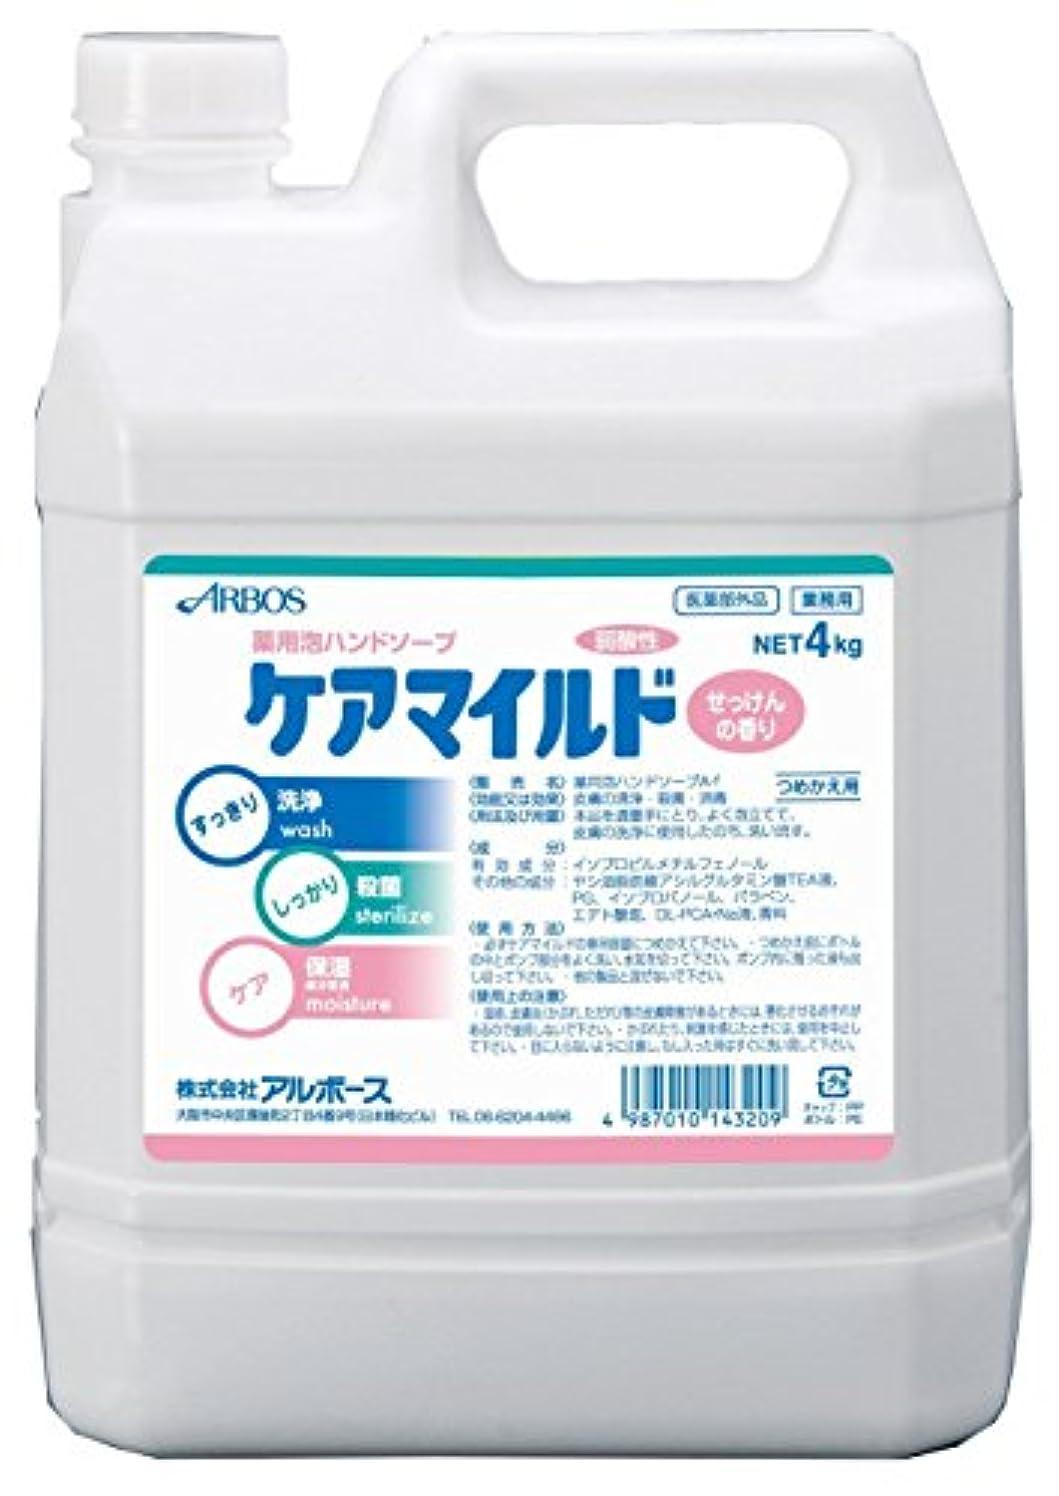 メタリック対応病院薬用泡ハンドソープ ケアマイルド 詰め替え用 4L (4本入り)